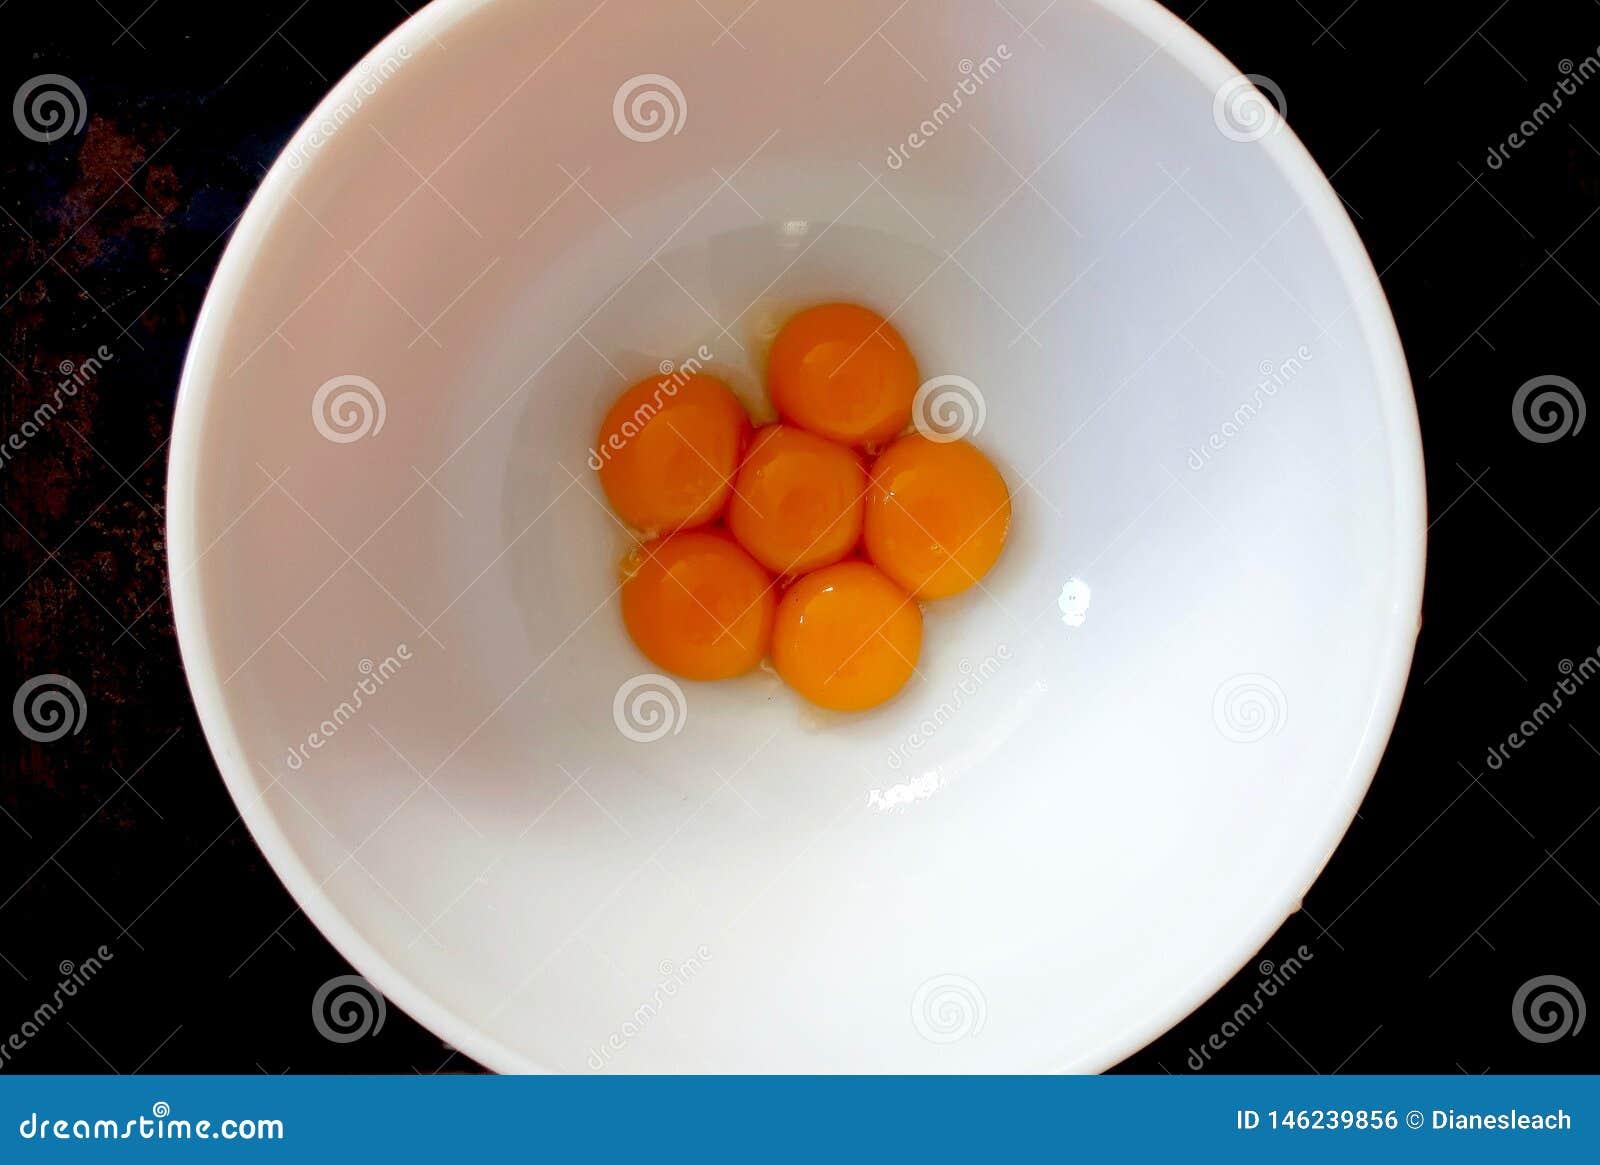 Seis yemas de huevo en un cuenco blanco, desde arriba